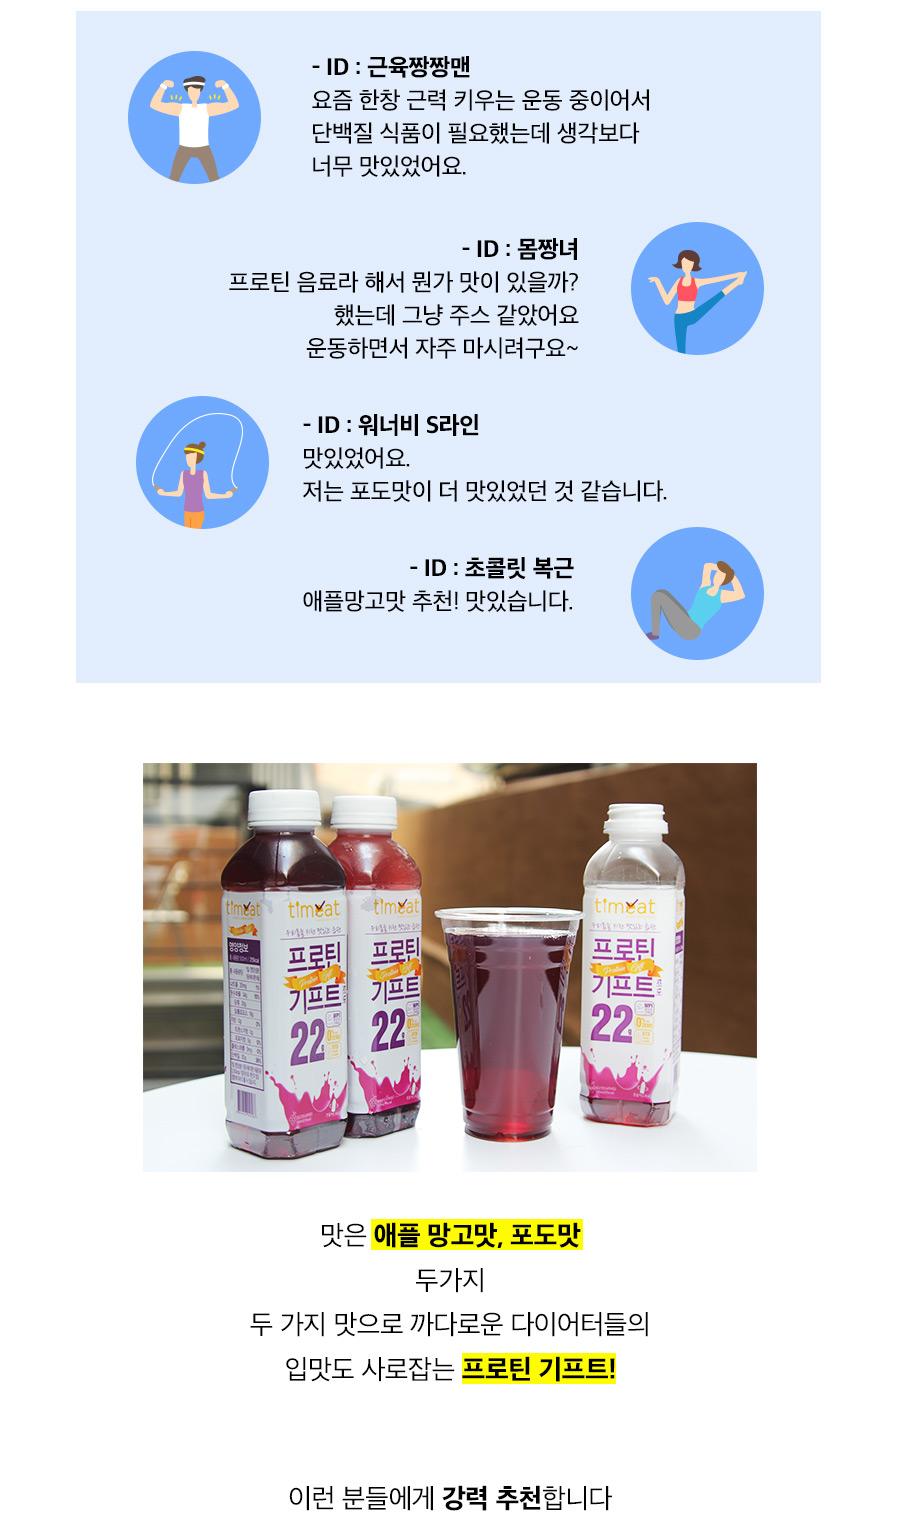 프로 다이어터가 되는 지름길, 단백질 음료 프로틴 기프트